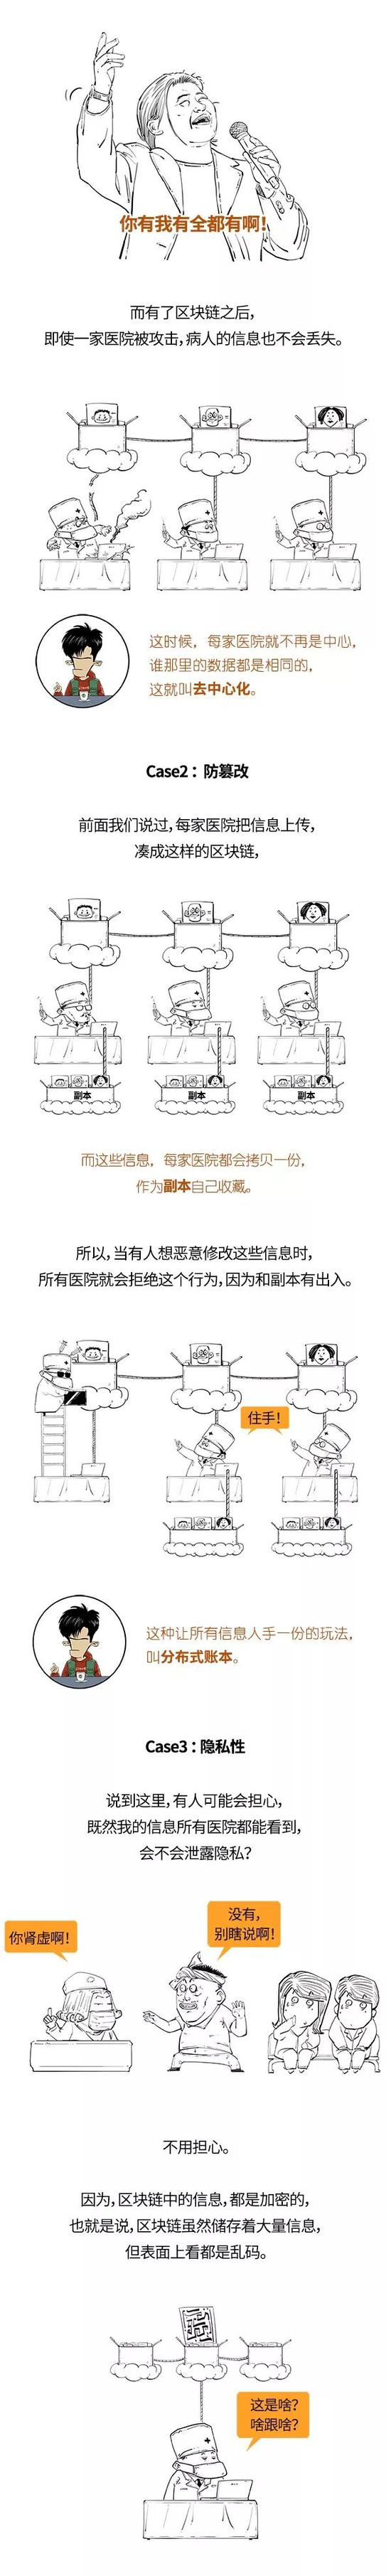 「修改投注记录」看完中国残疾人艺术团的表演,突然觉得,残疾的其实是我们